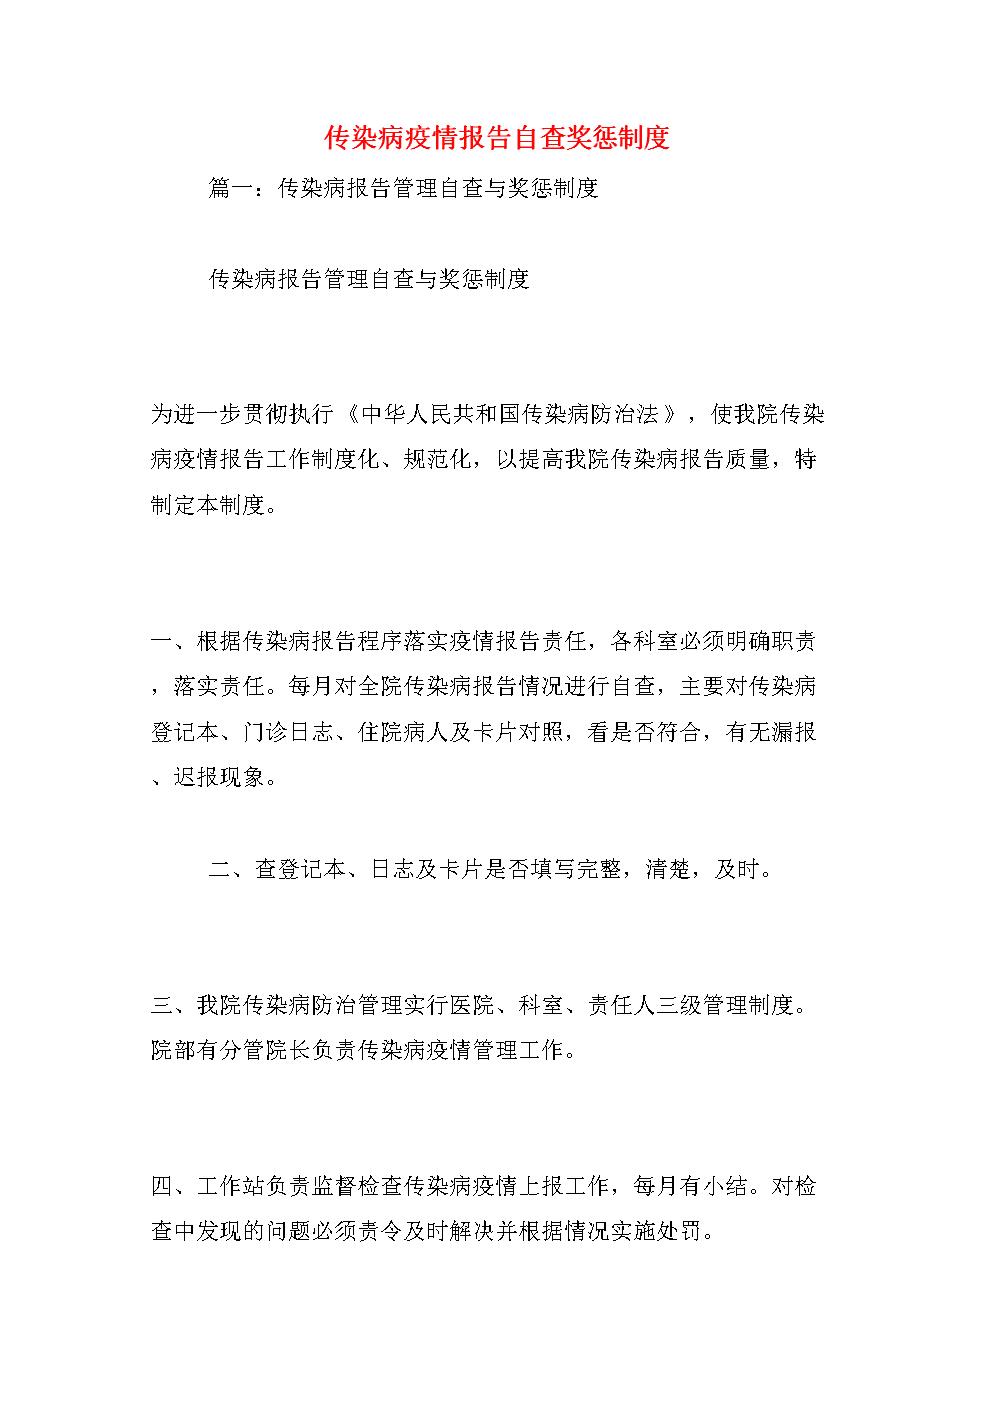 传染病疫情报告自查奖惩制度.doc